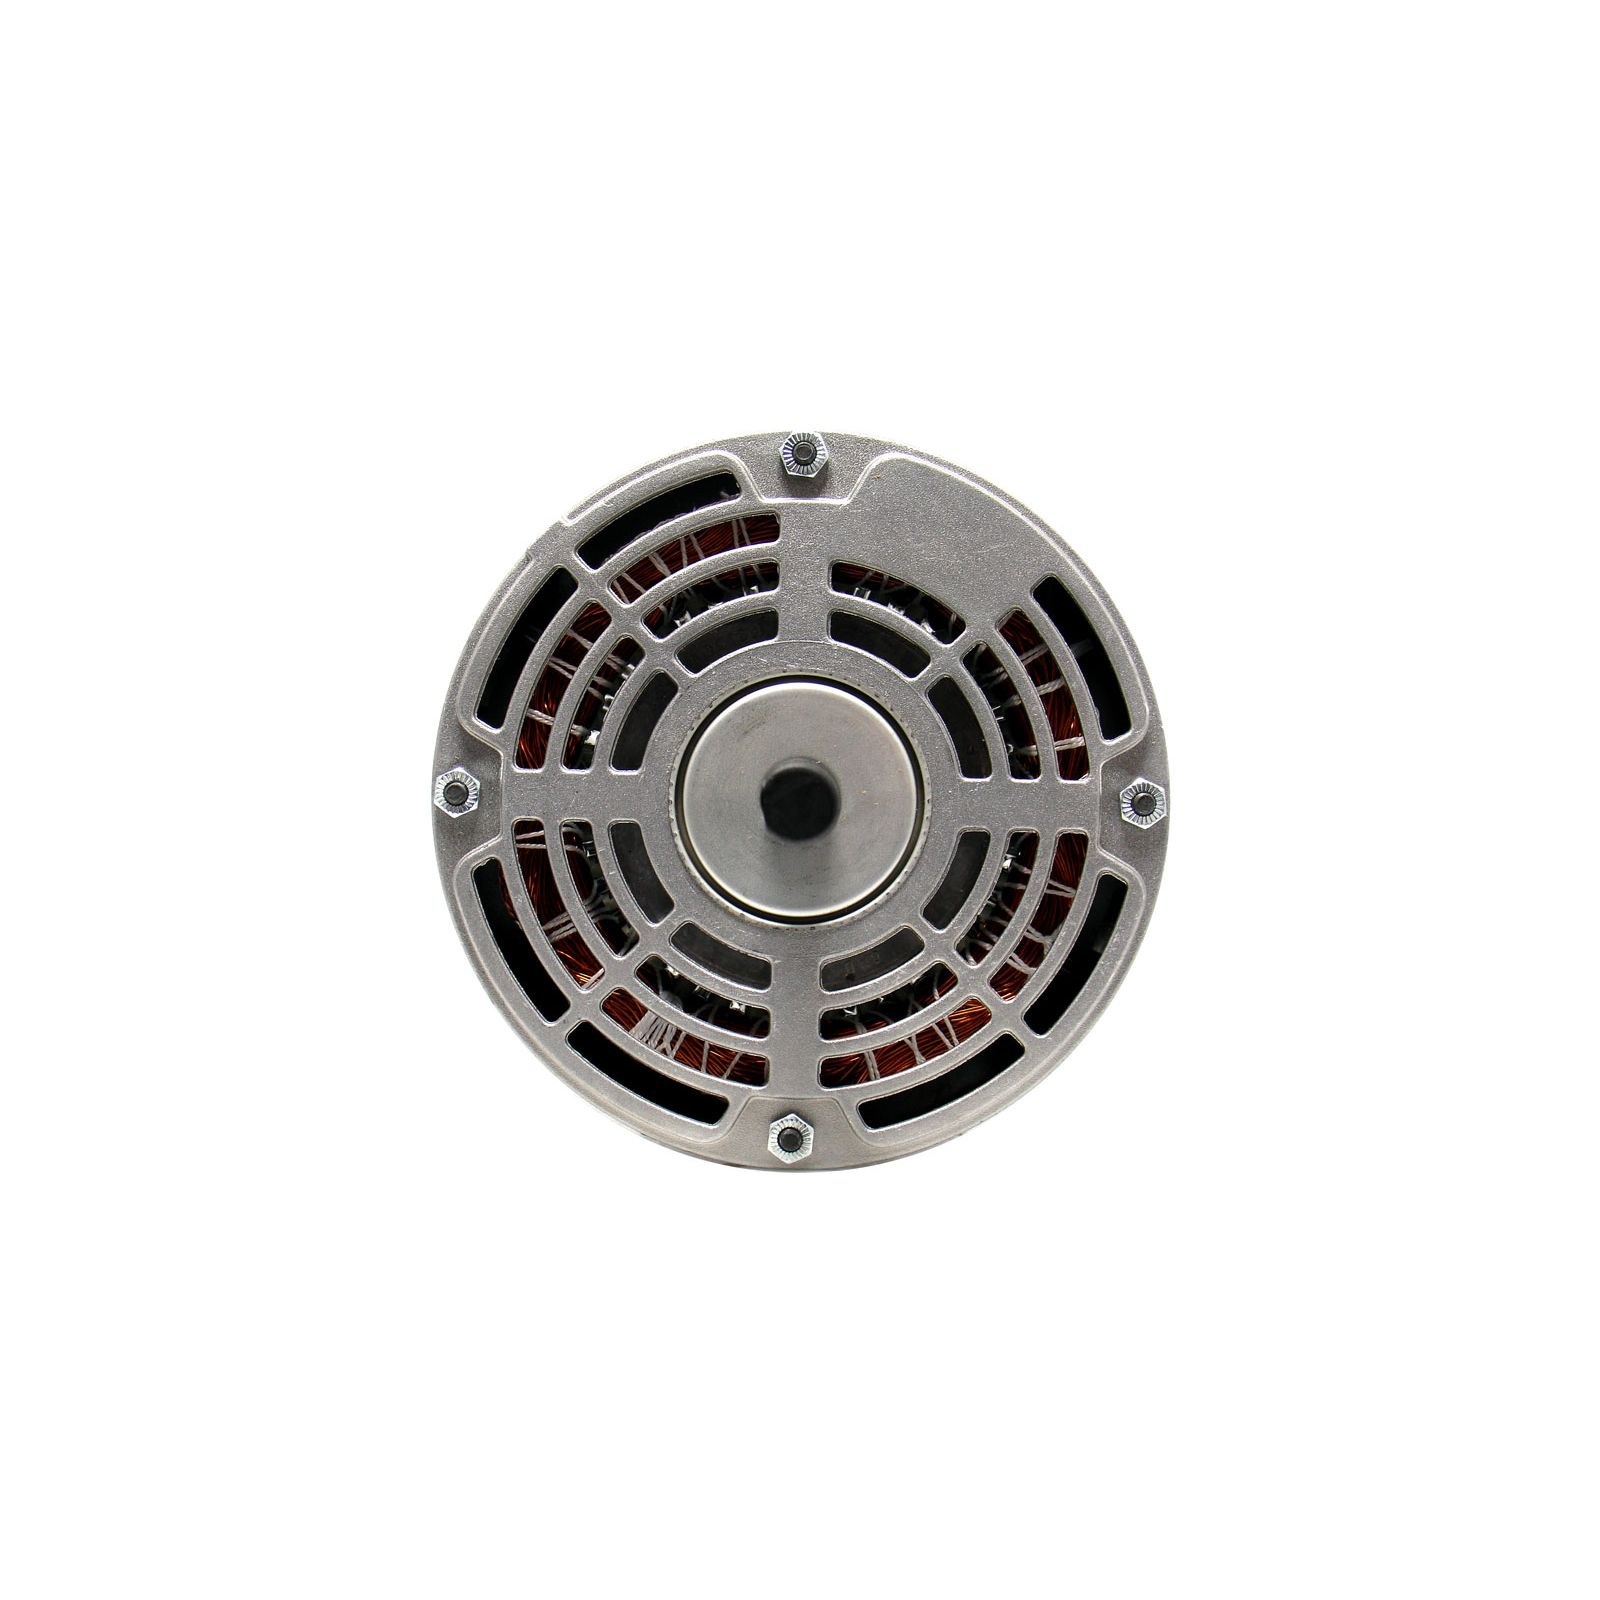 PROTECH 51-25023-01 - Blower Motor - 3/4 HP 120/1/60 (1075 rpm/4